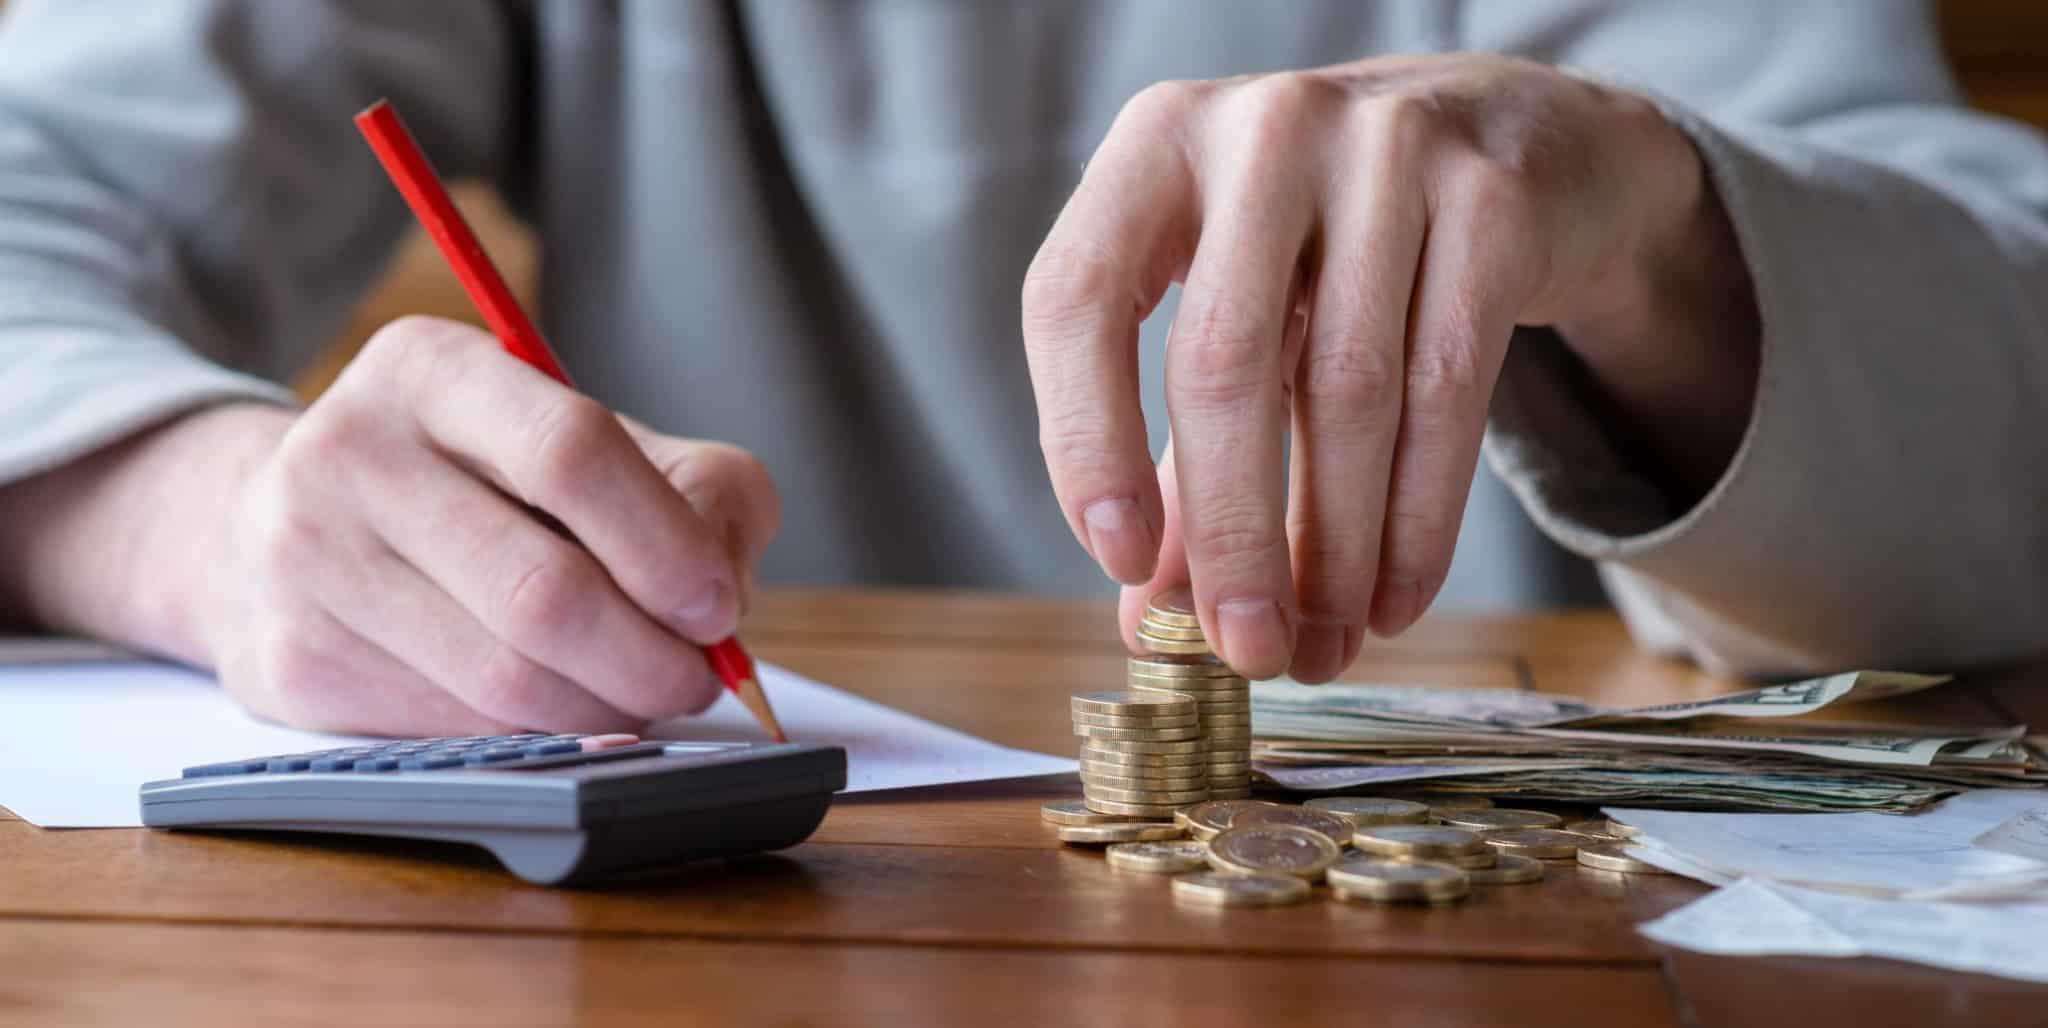 finanças pessoais_calculadora reorganizar poupar poupança